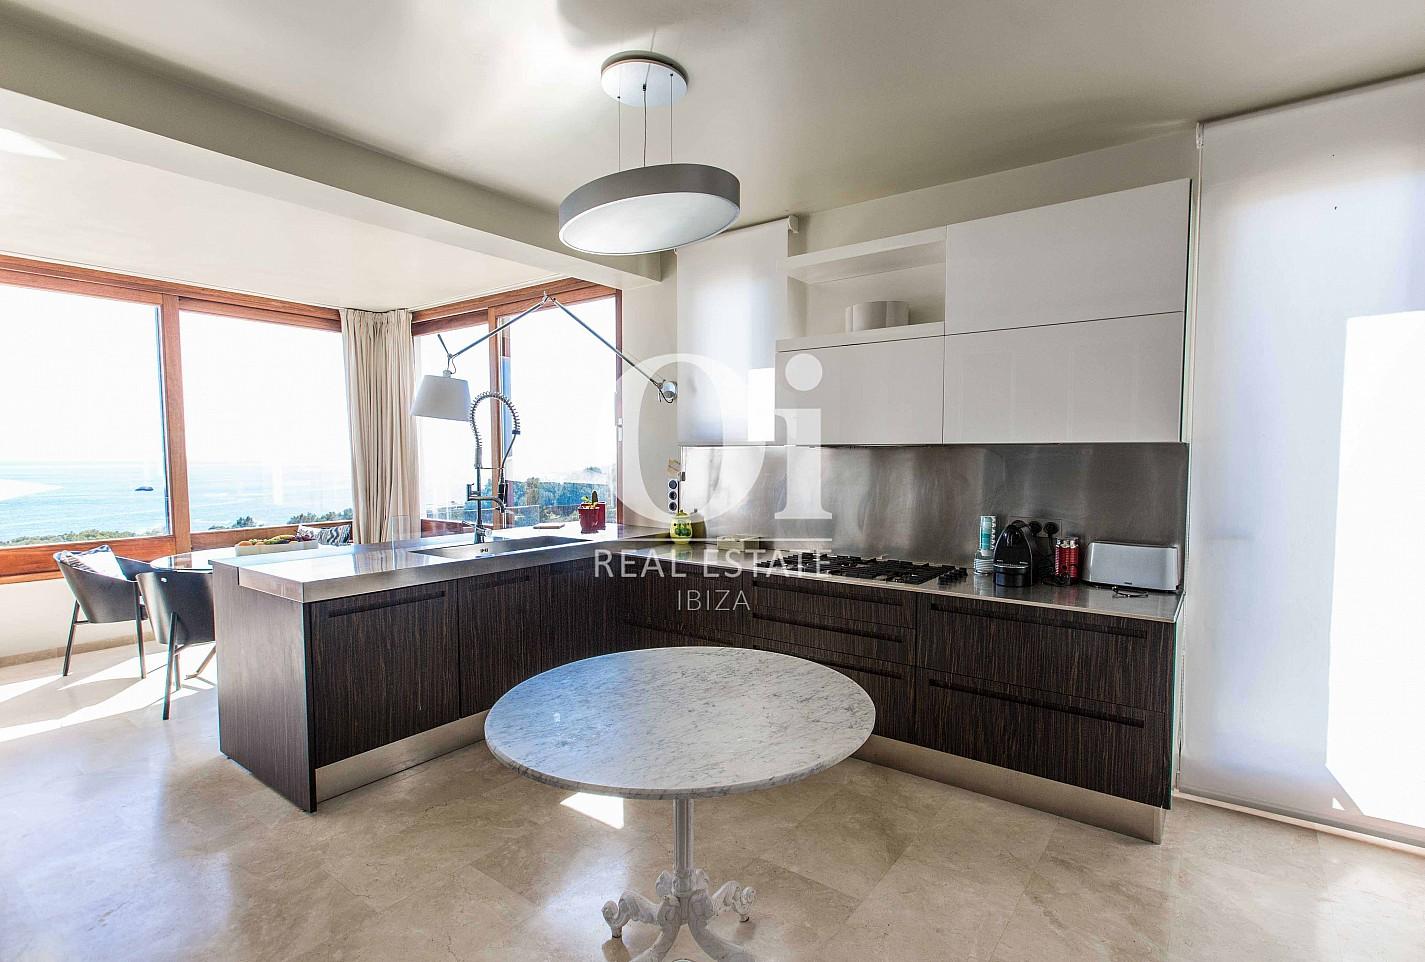 Стильная современная полностью оборудованная кухня на замечательной вилле в краткосрочную аренду на Ибице